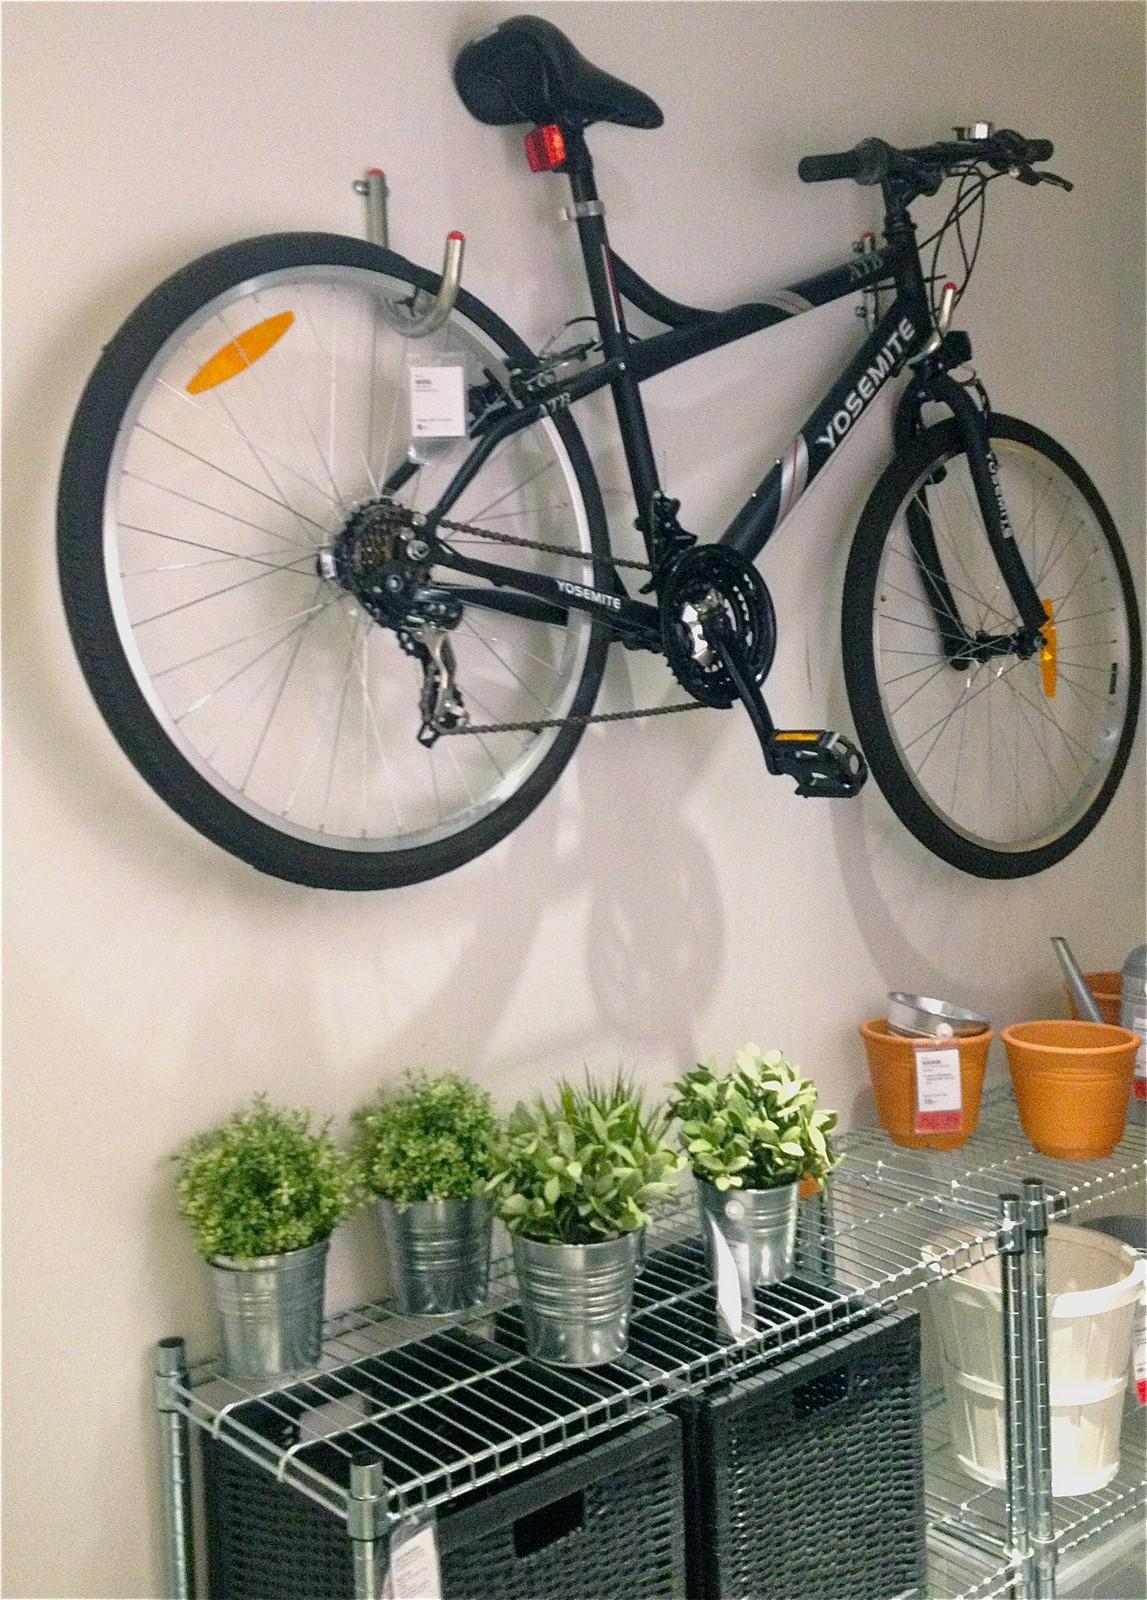 häng upp cykeln